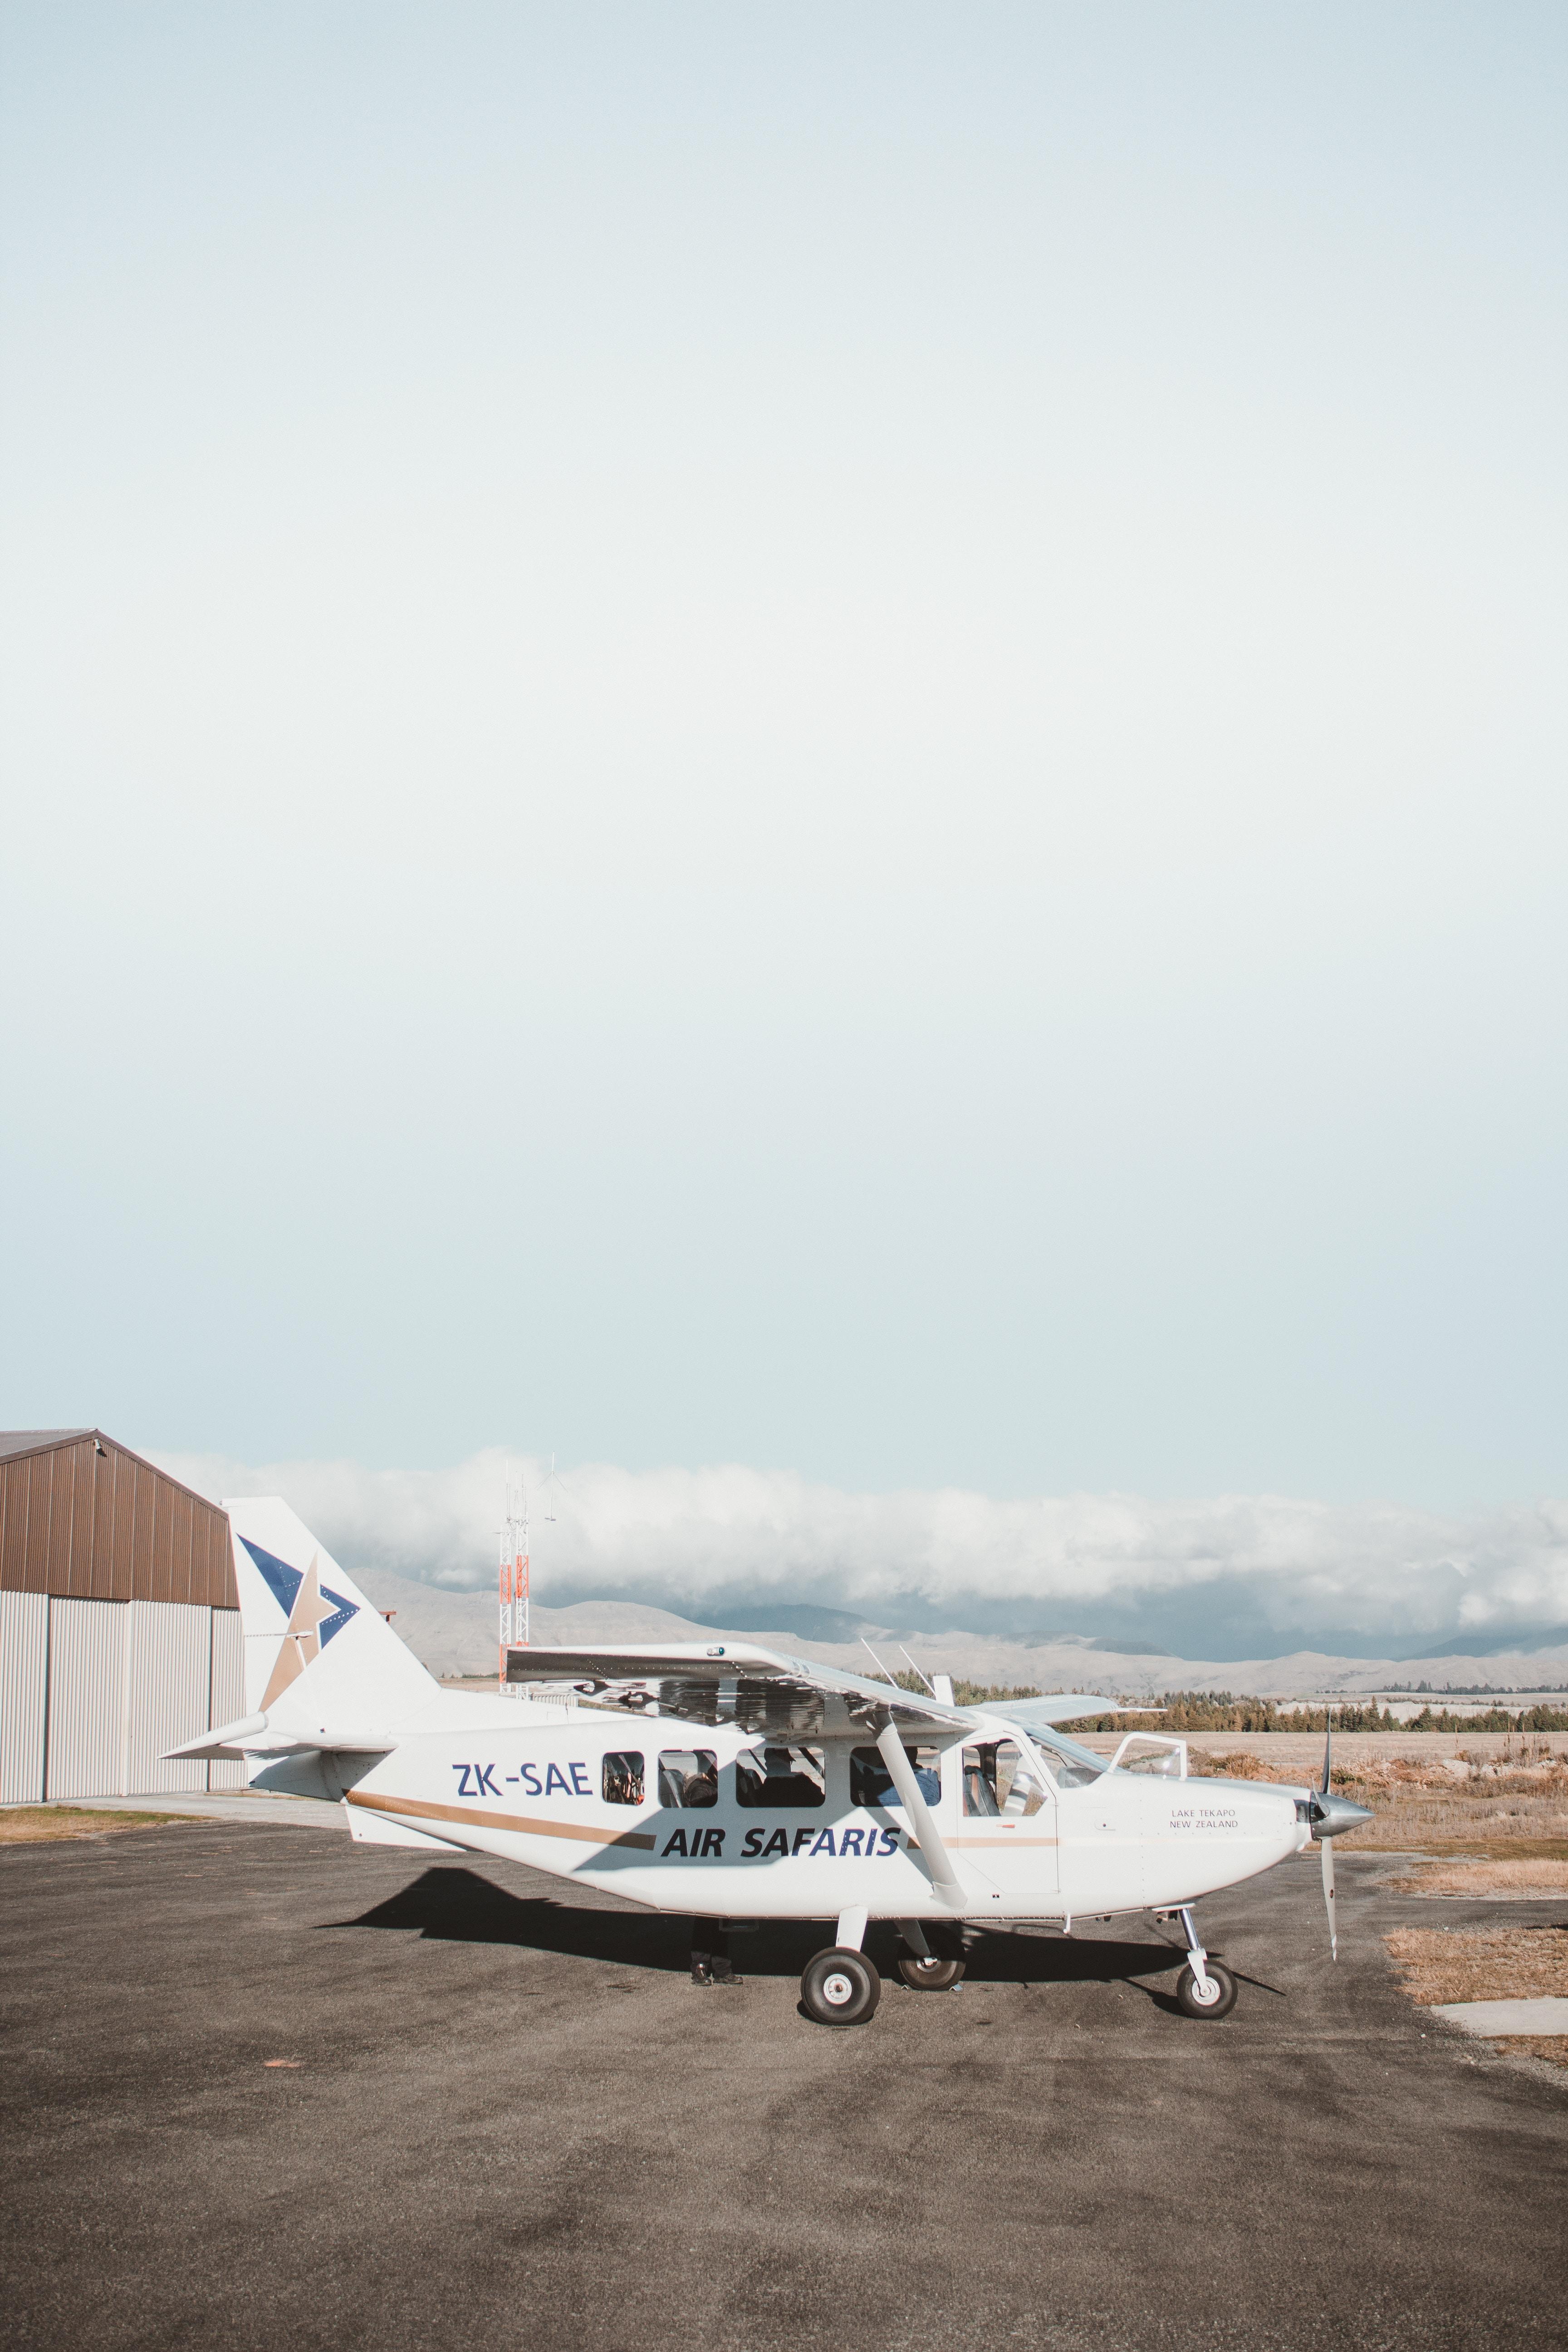 white Air Safaris plane at the airport